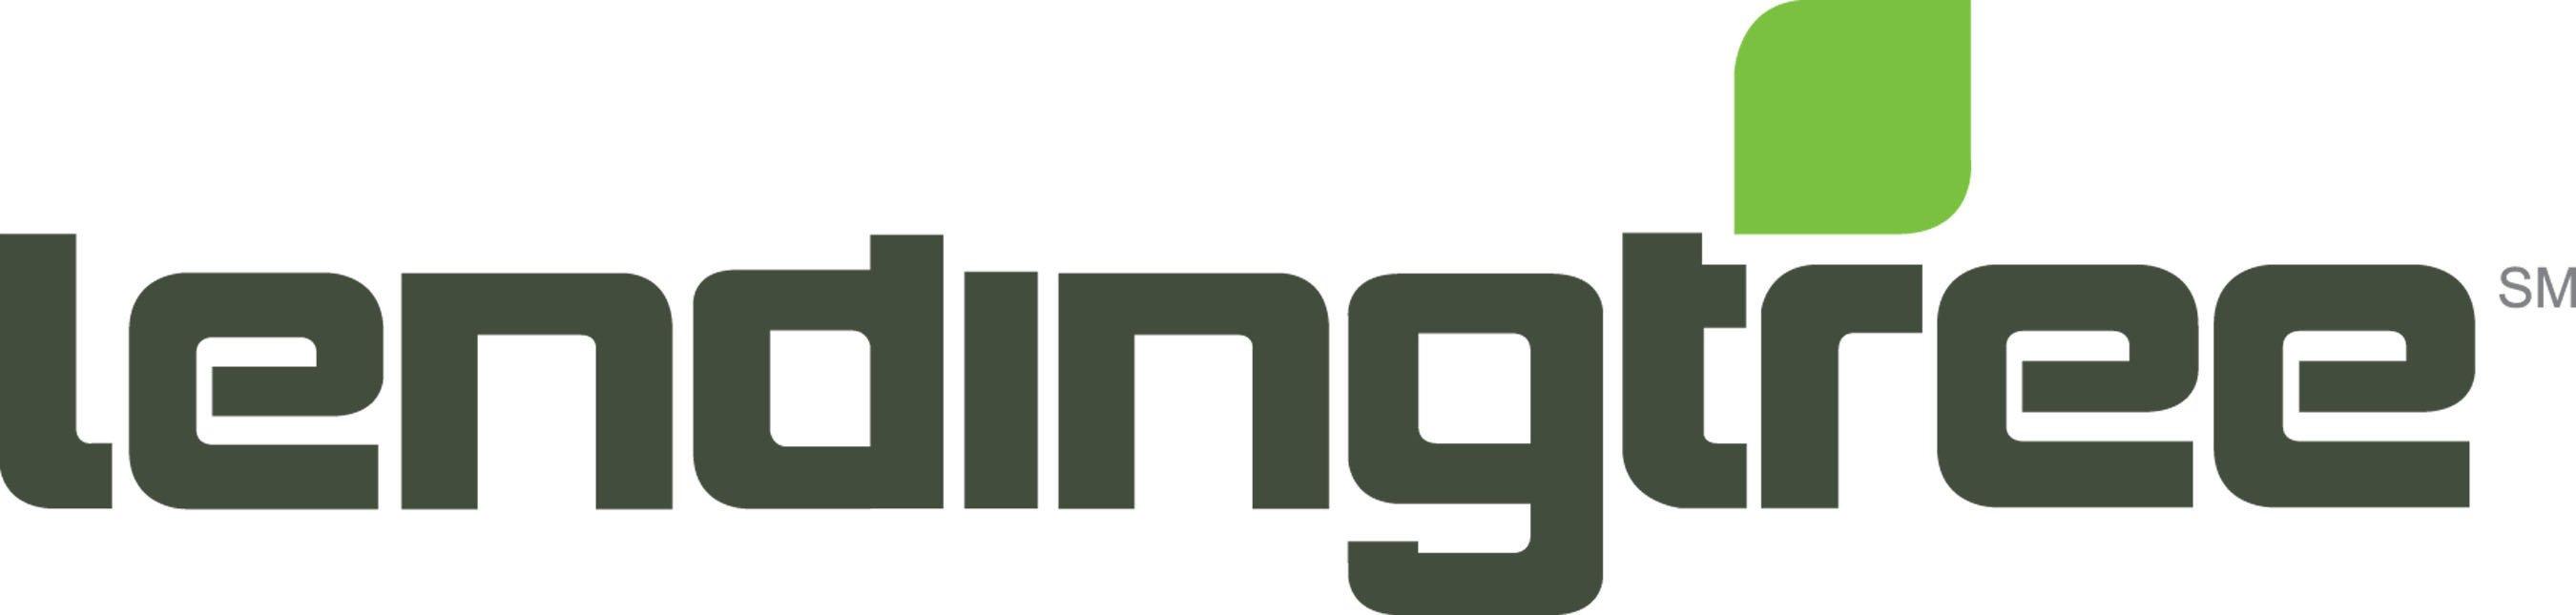 Lending Tree Test